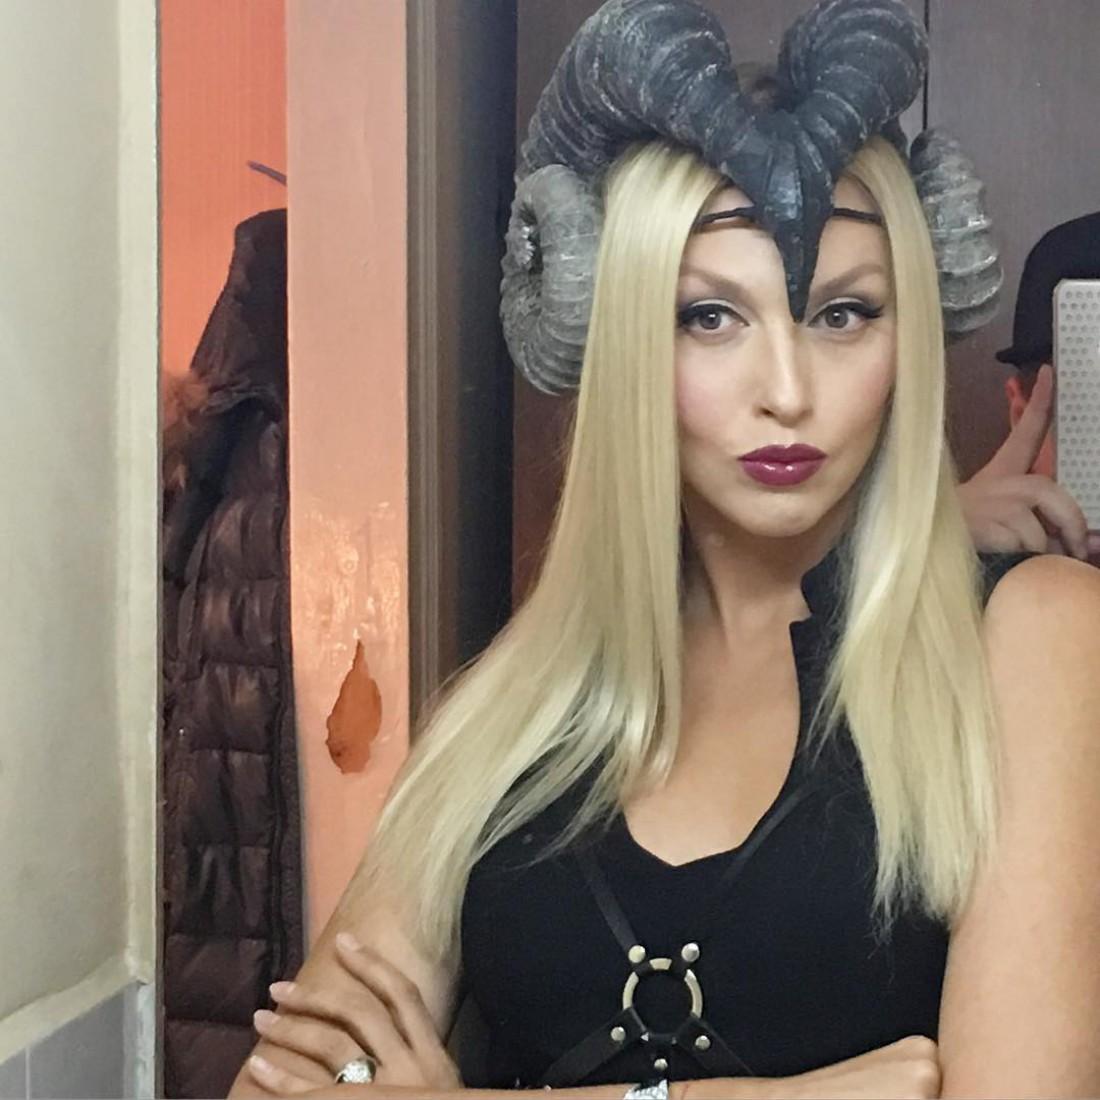 Оля Полякова: Сейчас я очень мало покупаю одежды